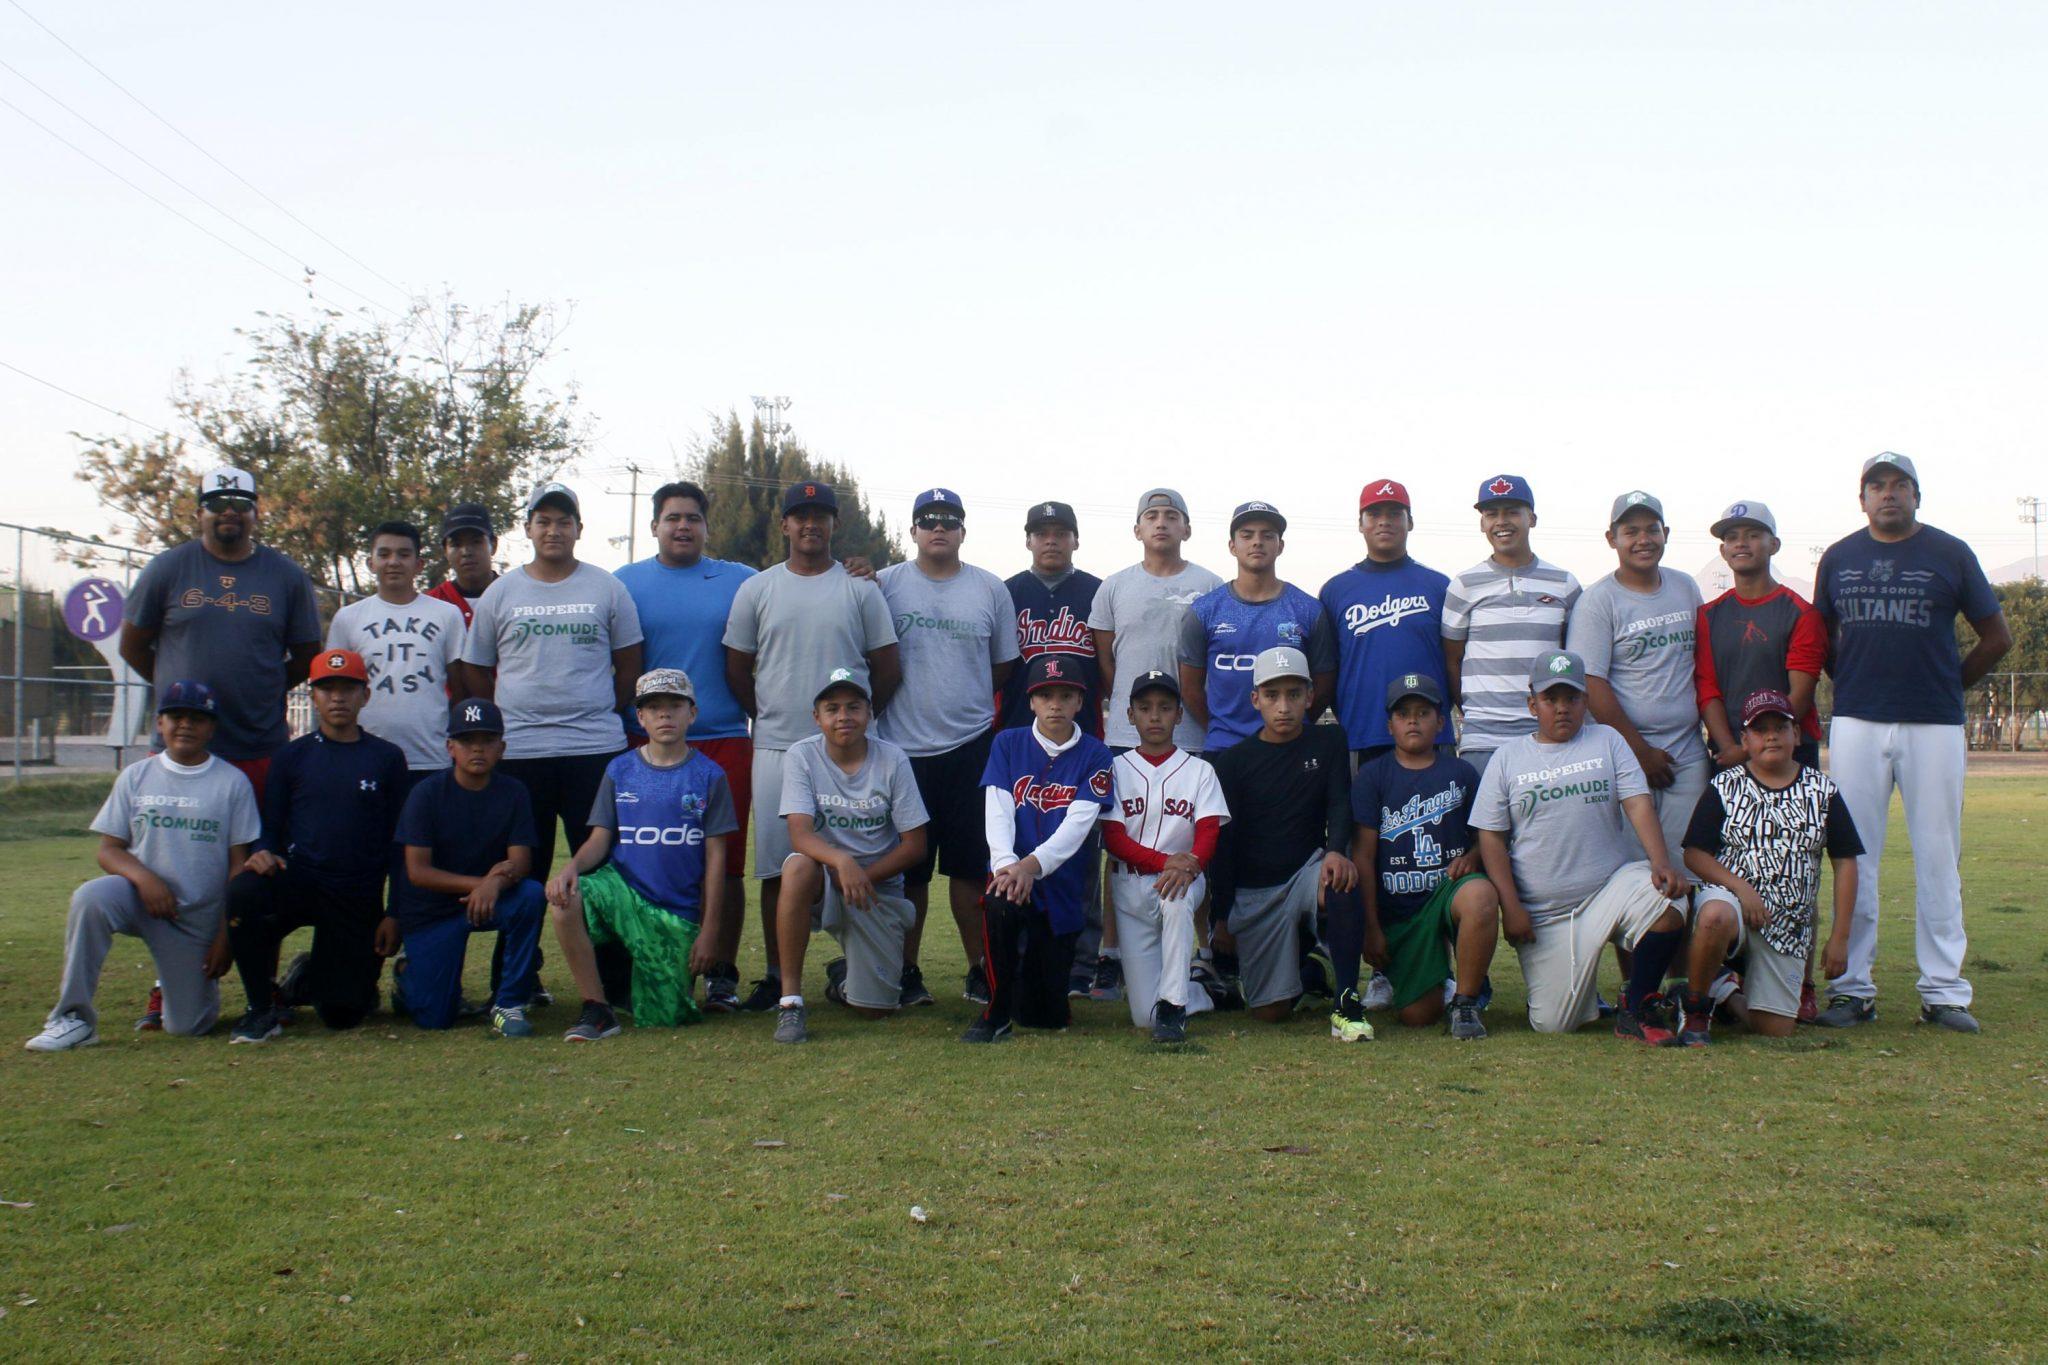 Va Comude León por el boleto a la Olimpiada Nacional en béisbol